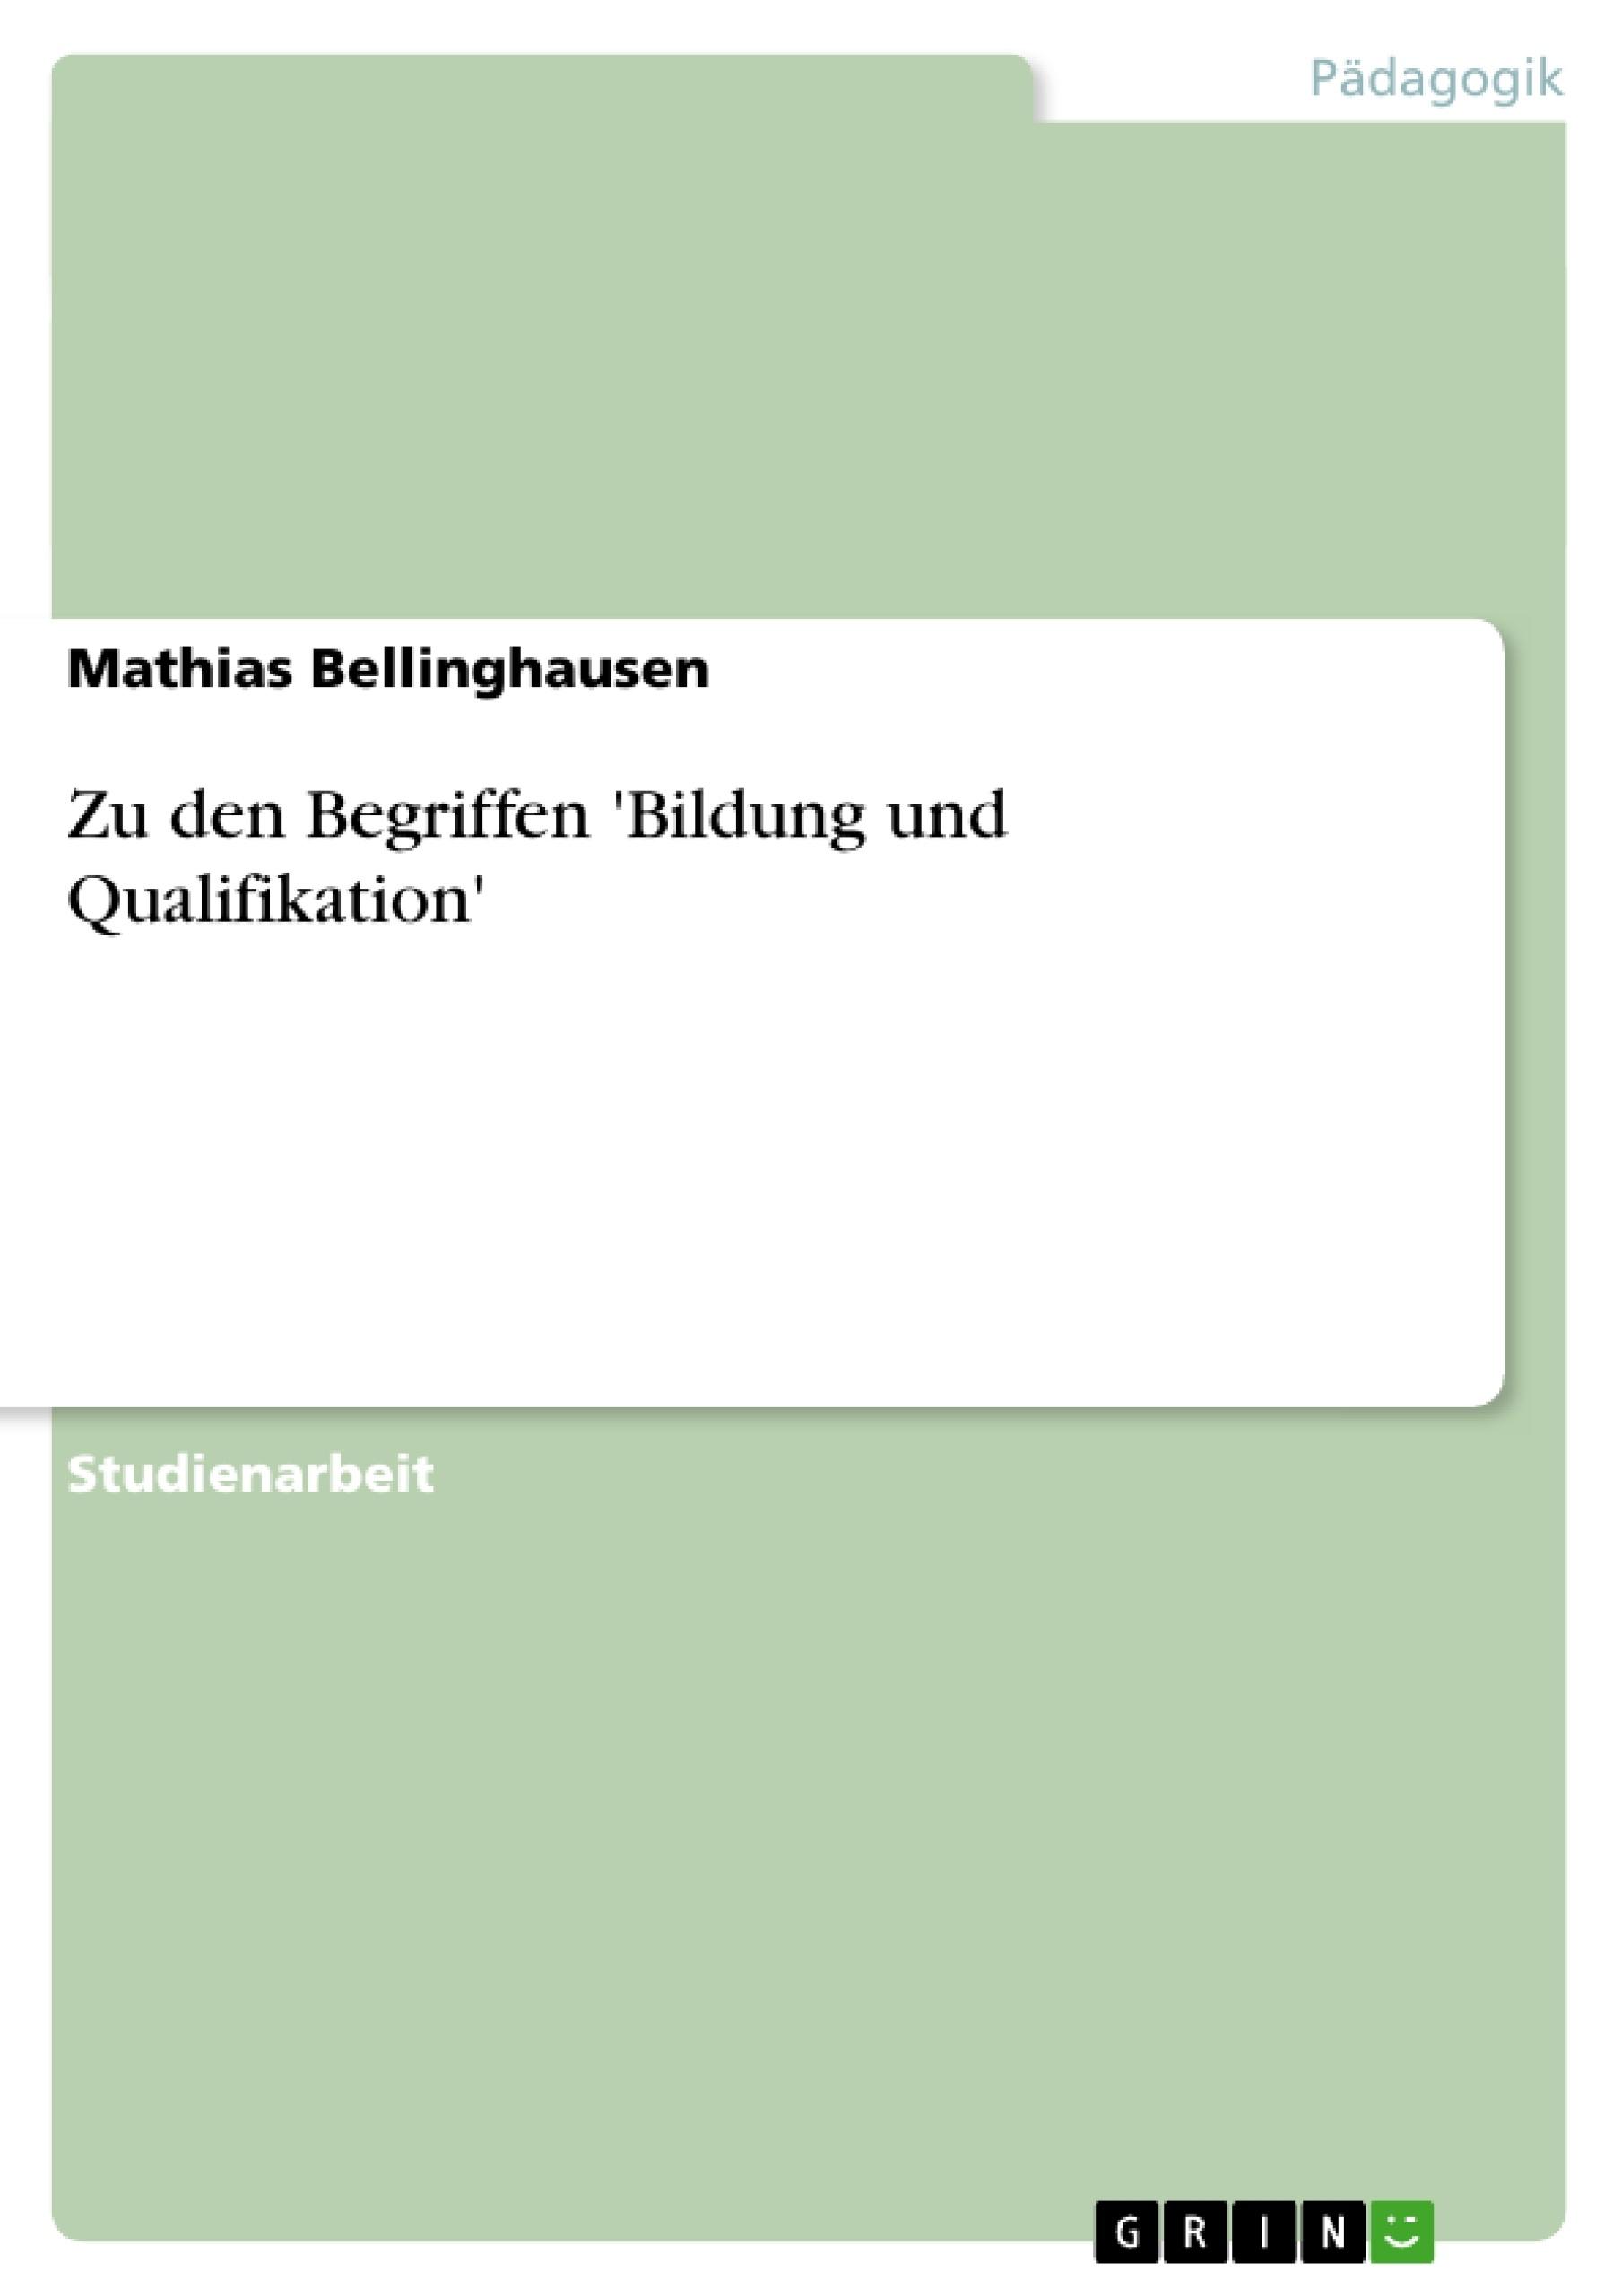 Titel: Zu den Begriffen 'Bildung und Qualifikation'